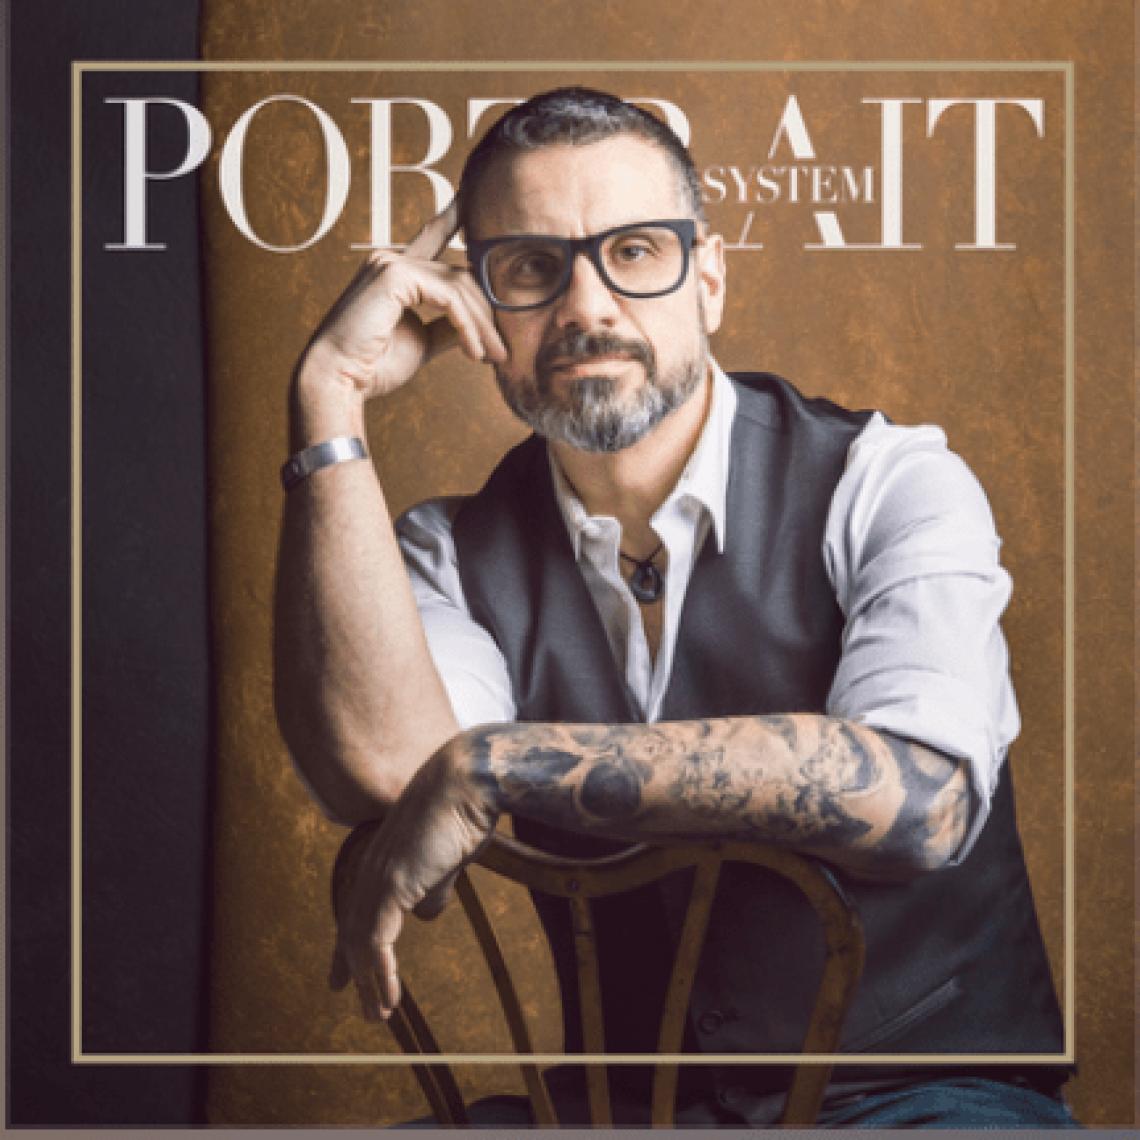 the portrait system podcast episode 64 - matt stagliano